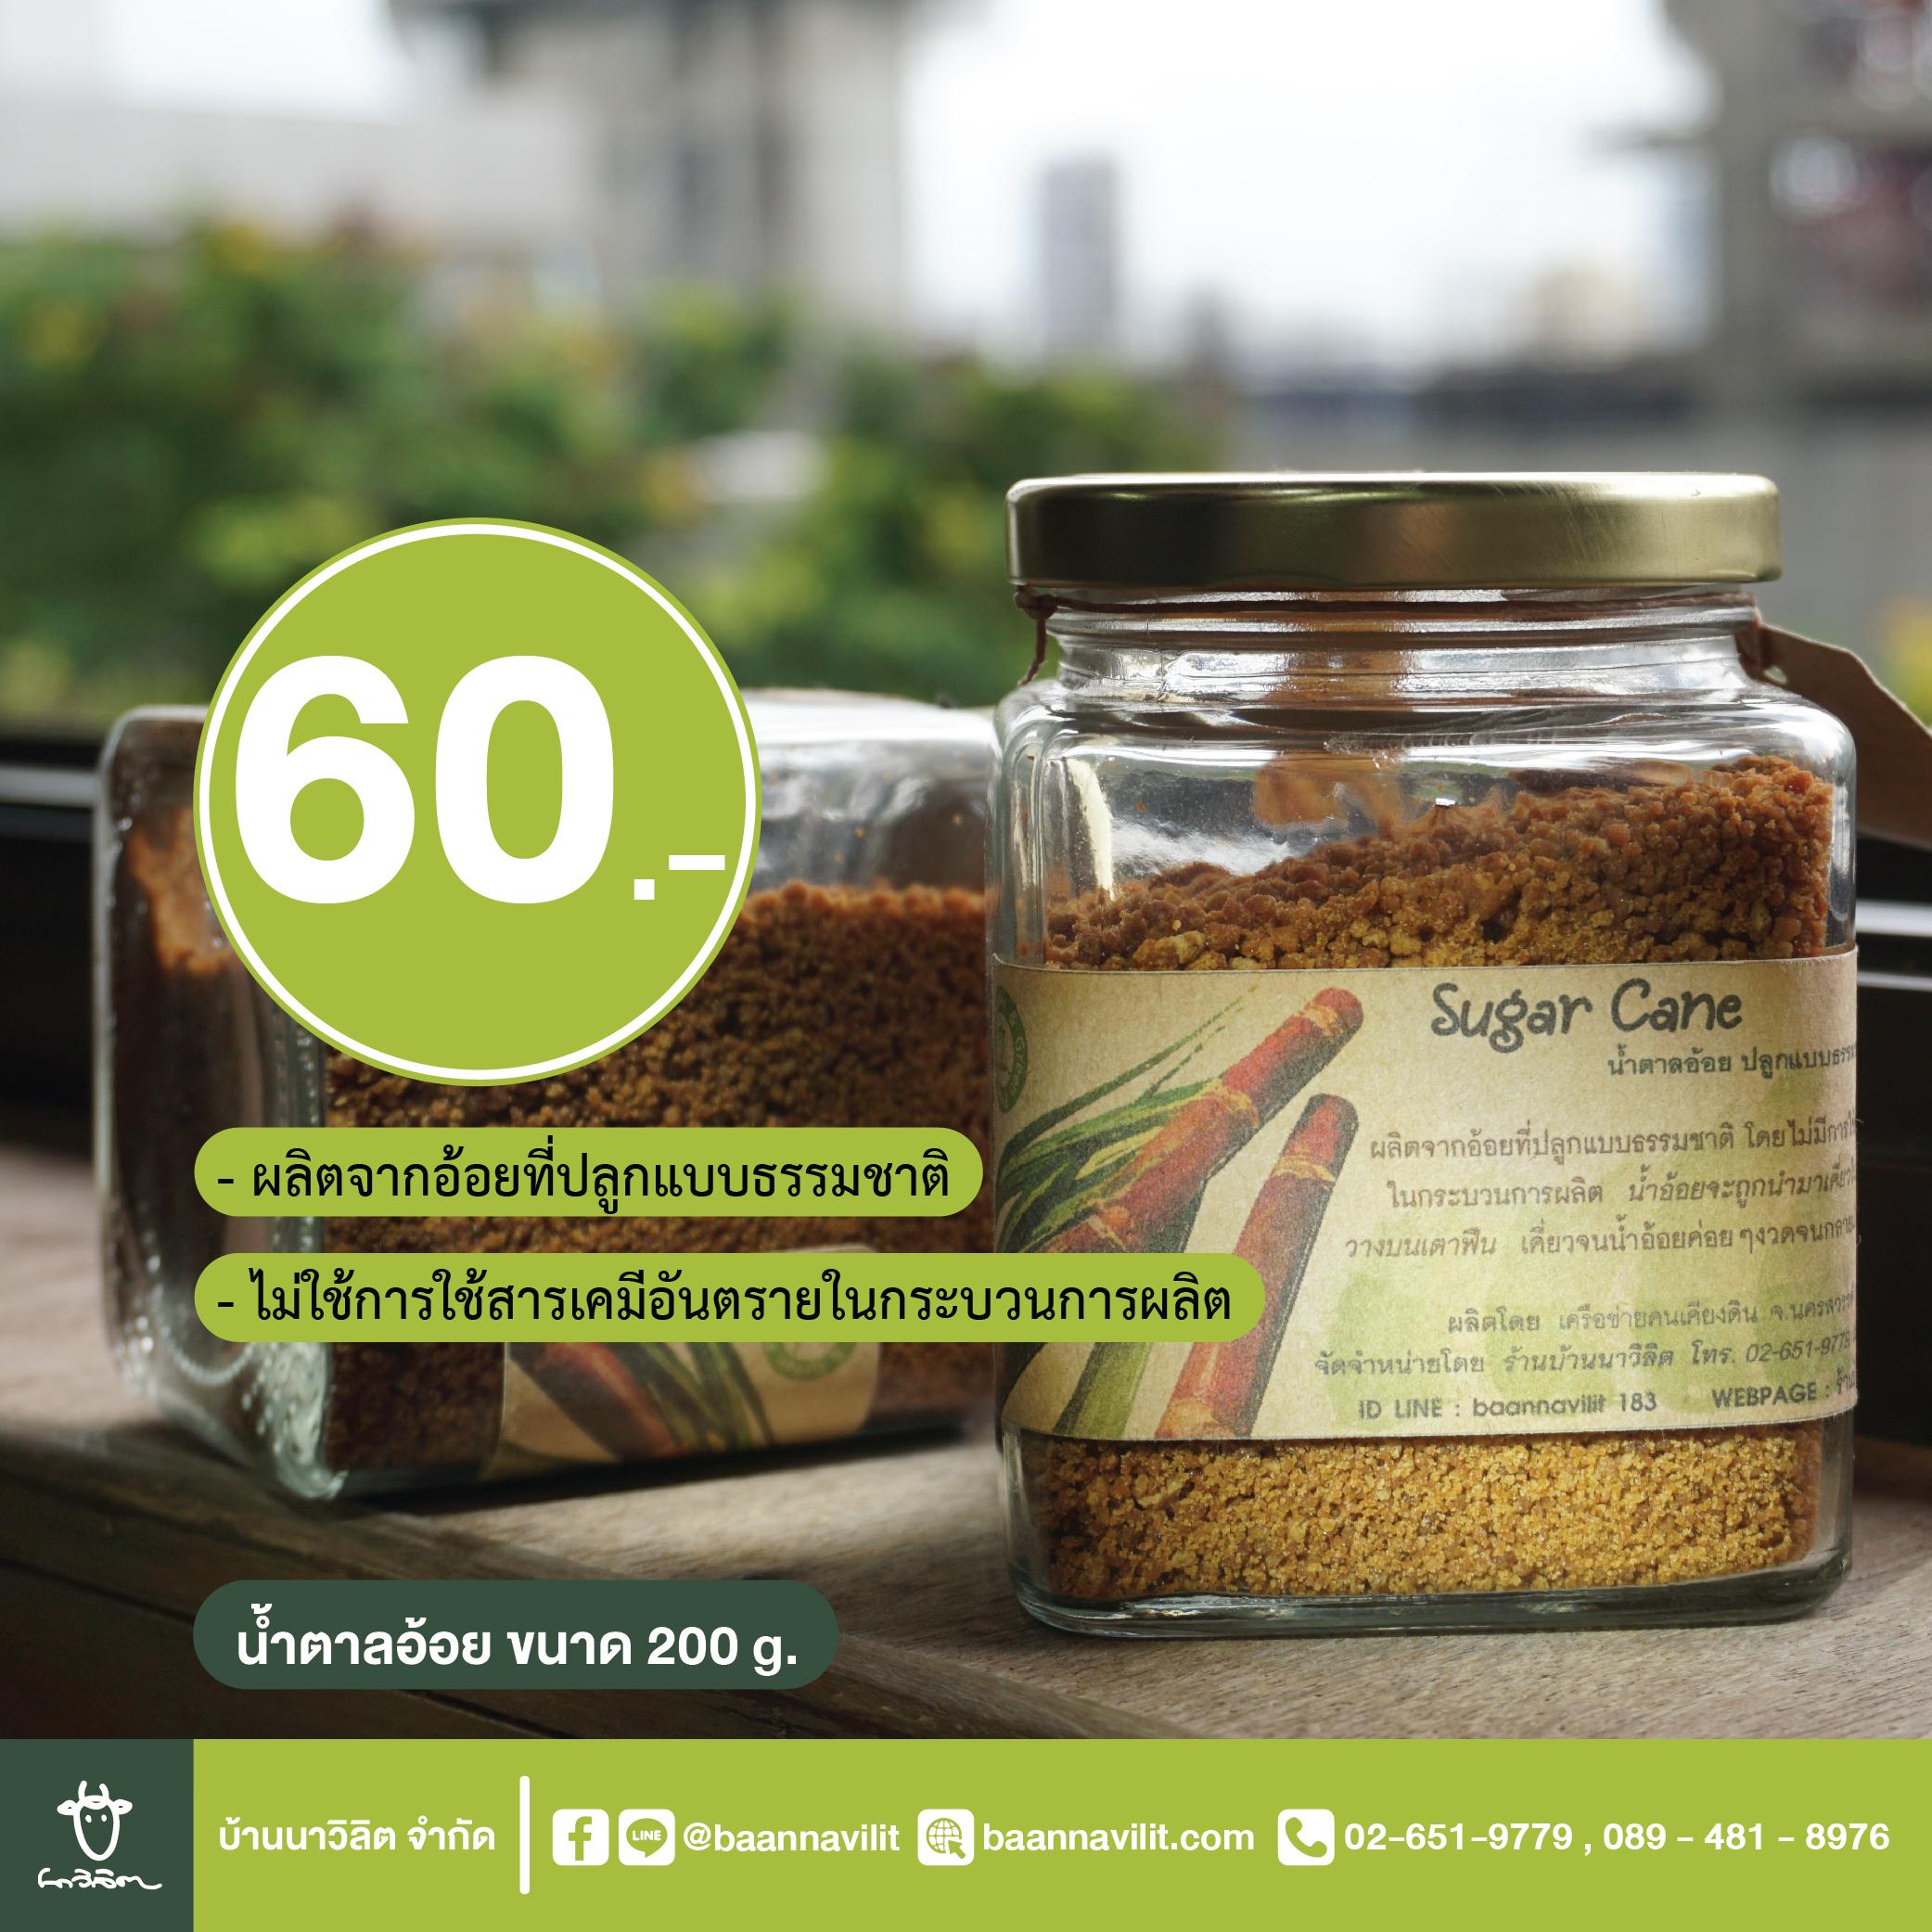 น้ำตาลอ้อยออร์แกนิค ขนาด 200 กรัม (Organic Cane Sugar Size : 200 g.)